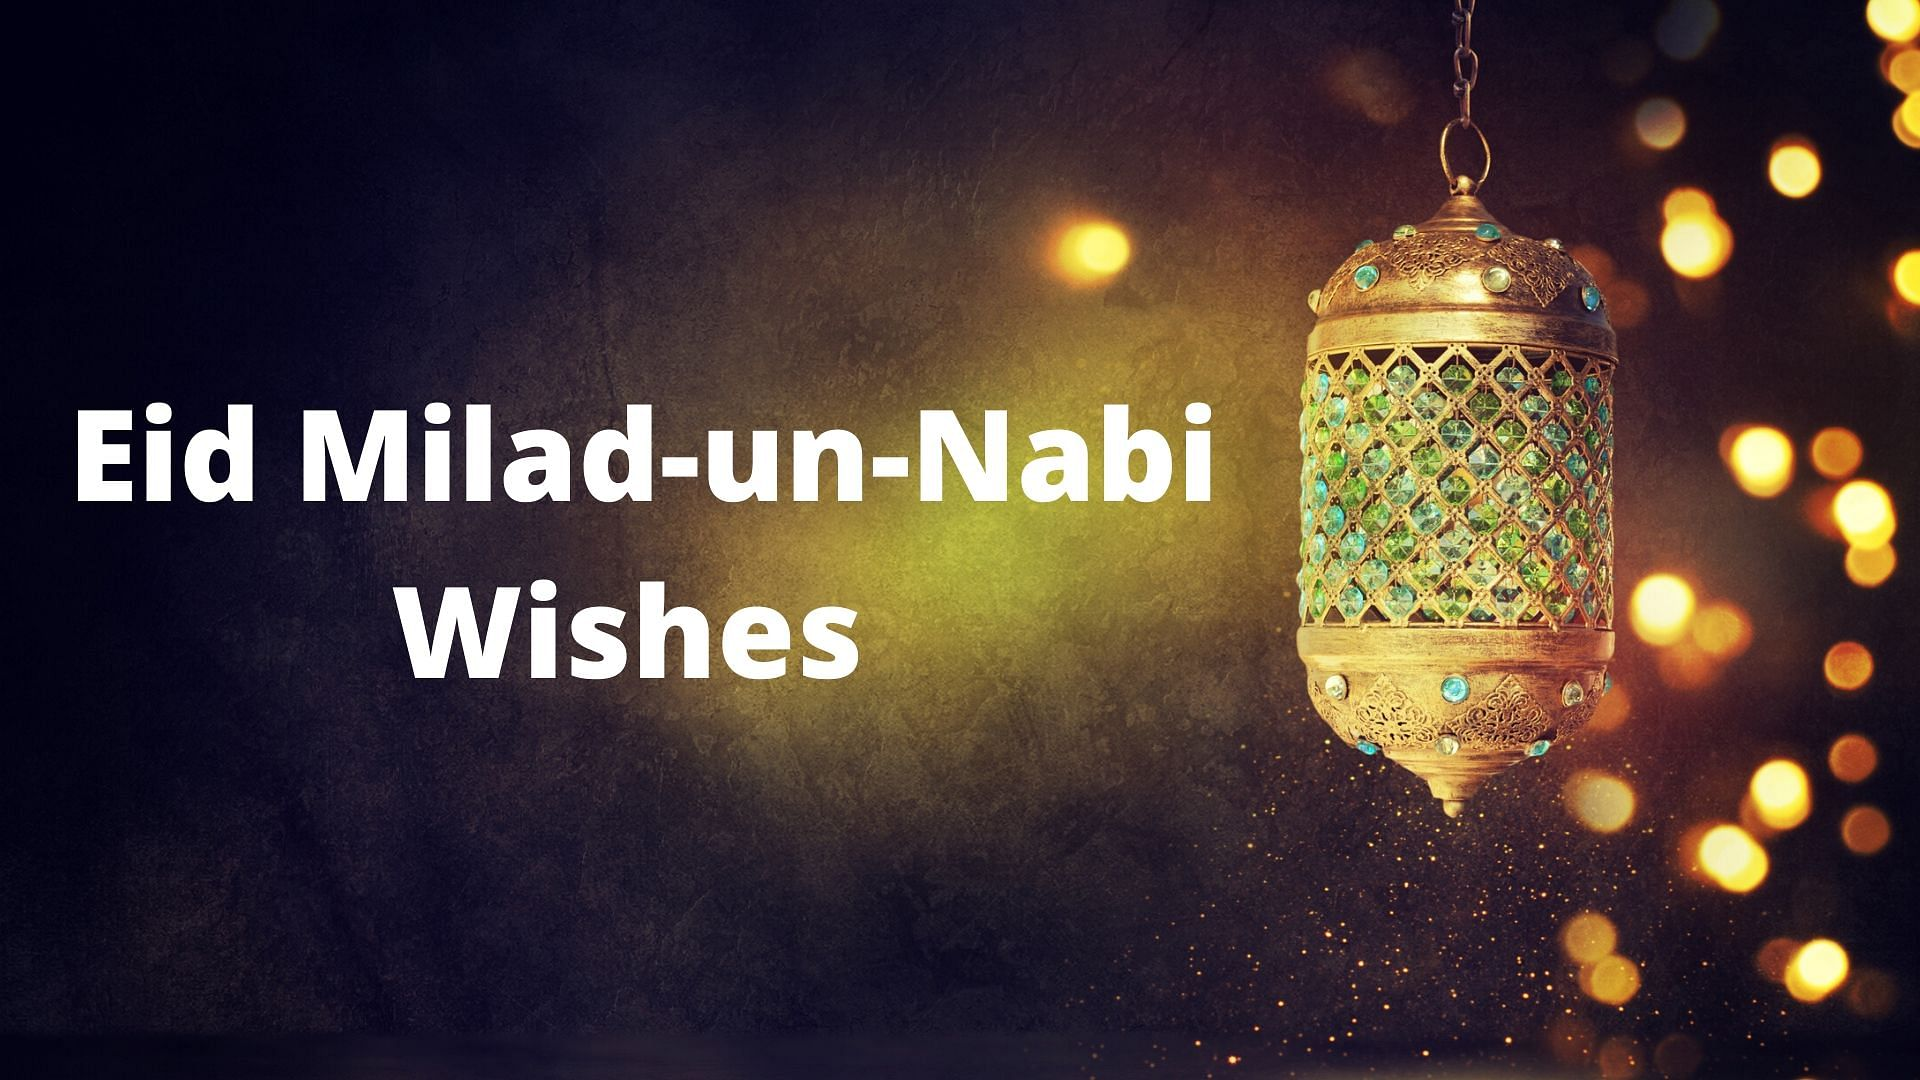 eid milad un nabi 2020 wishes download images greetings quotes eid milad un nabi 2020 wishes